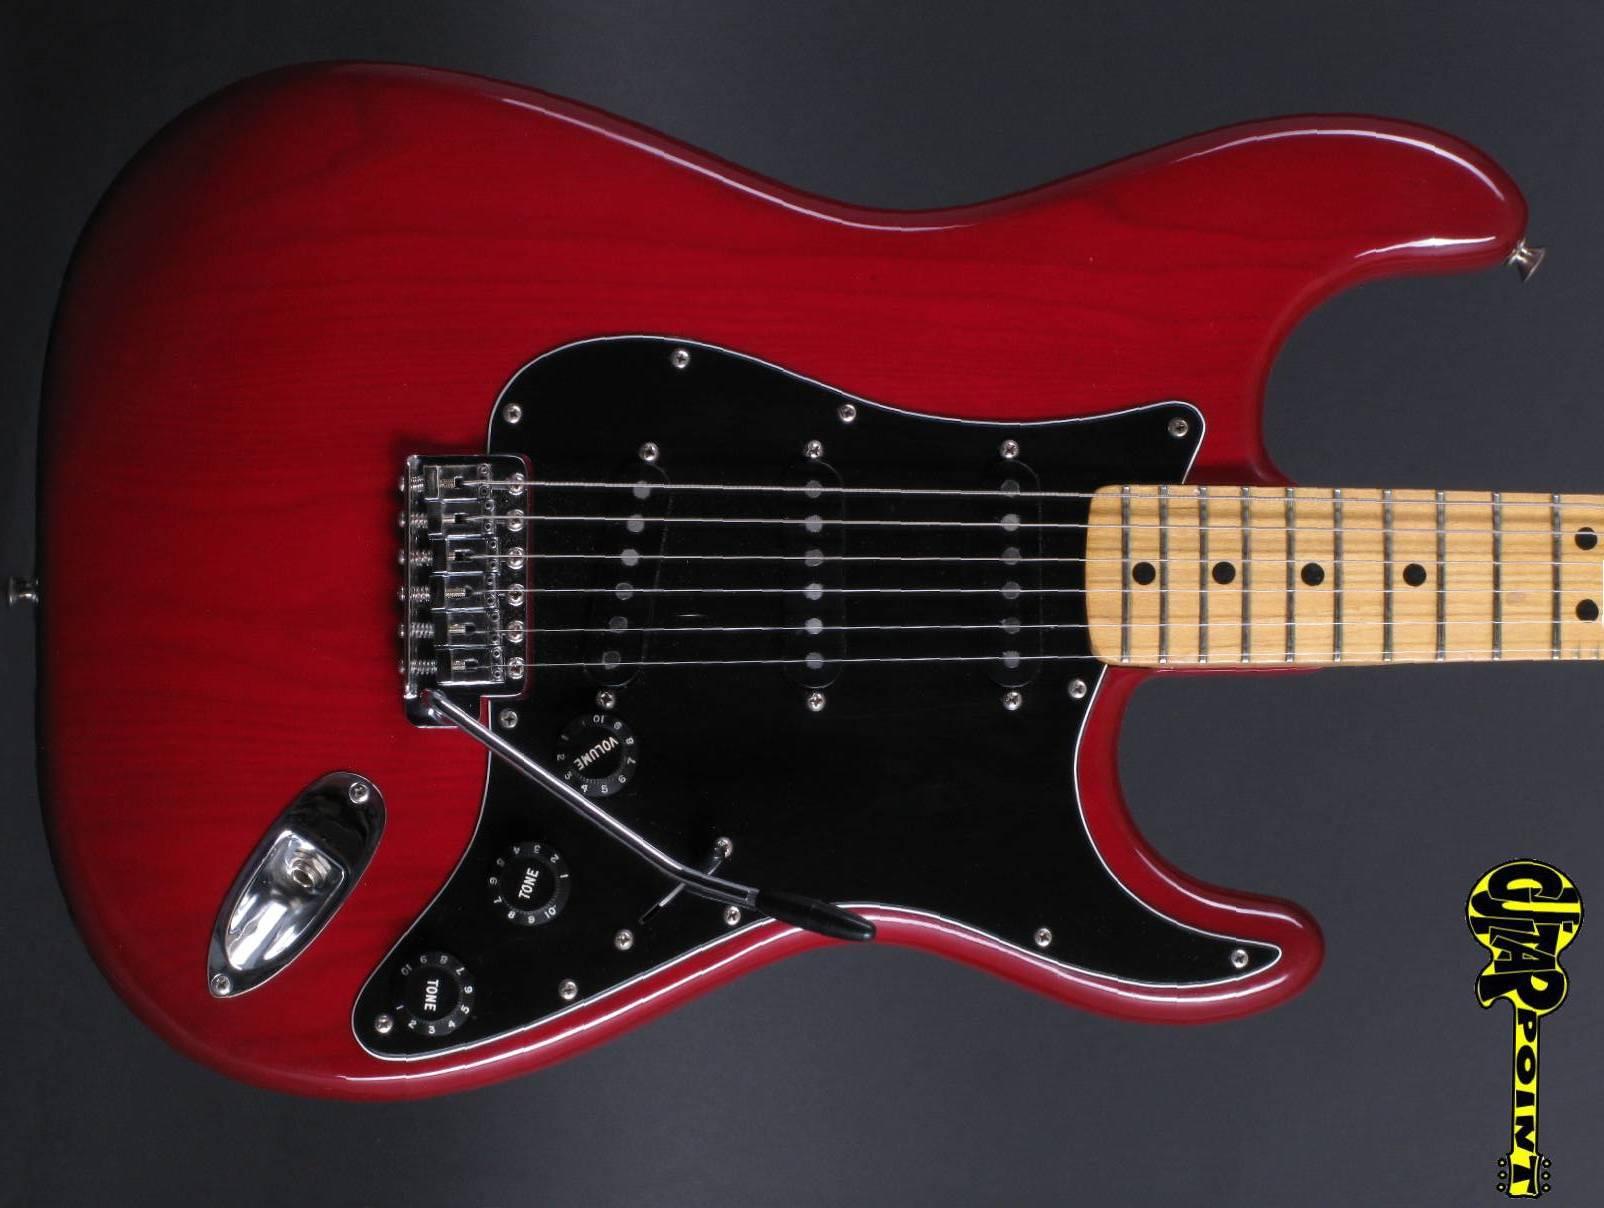 1979 Fender Stratocaster - Transluscent Red